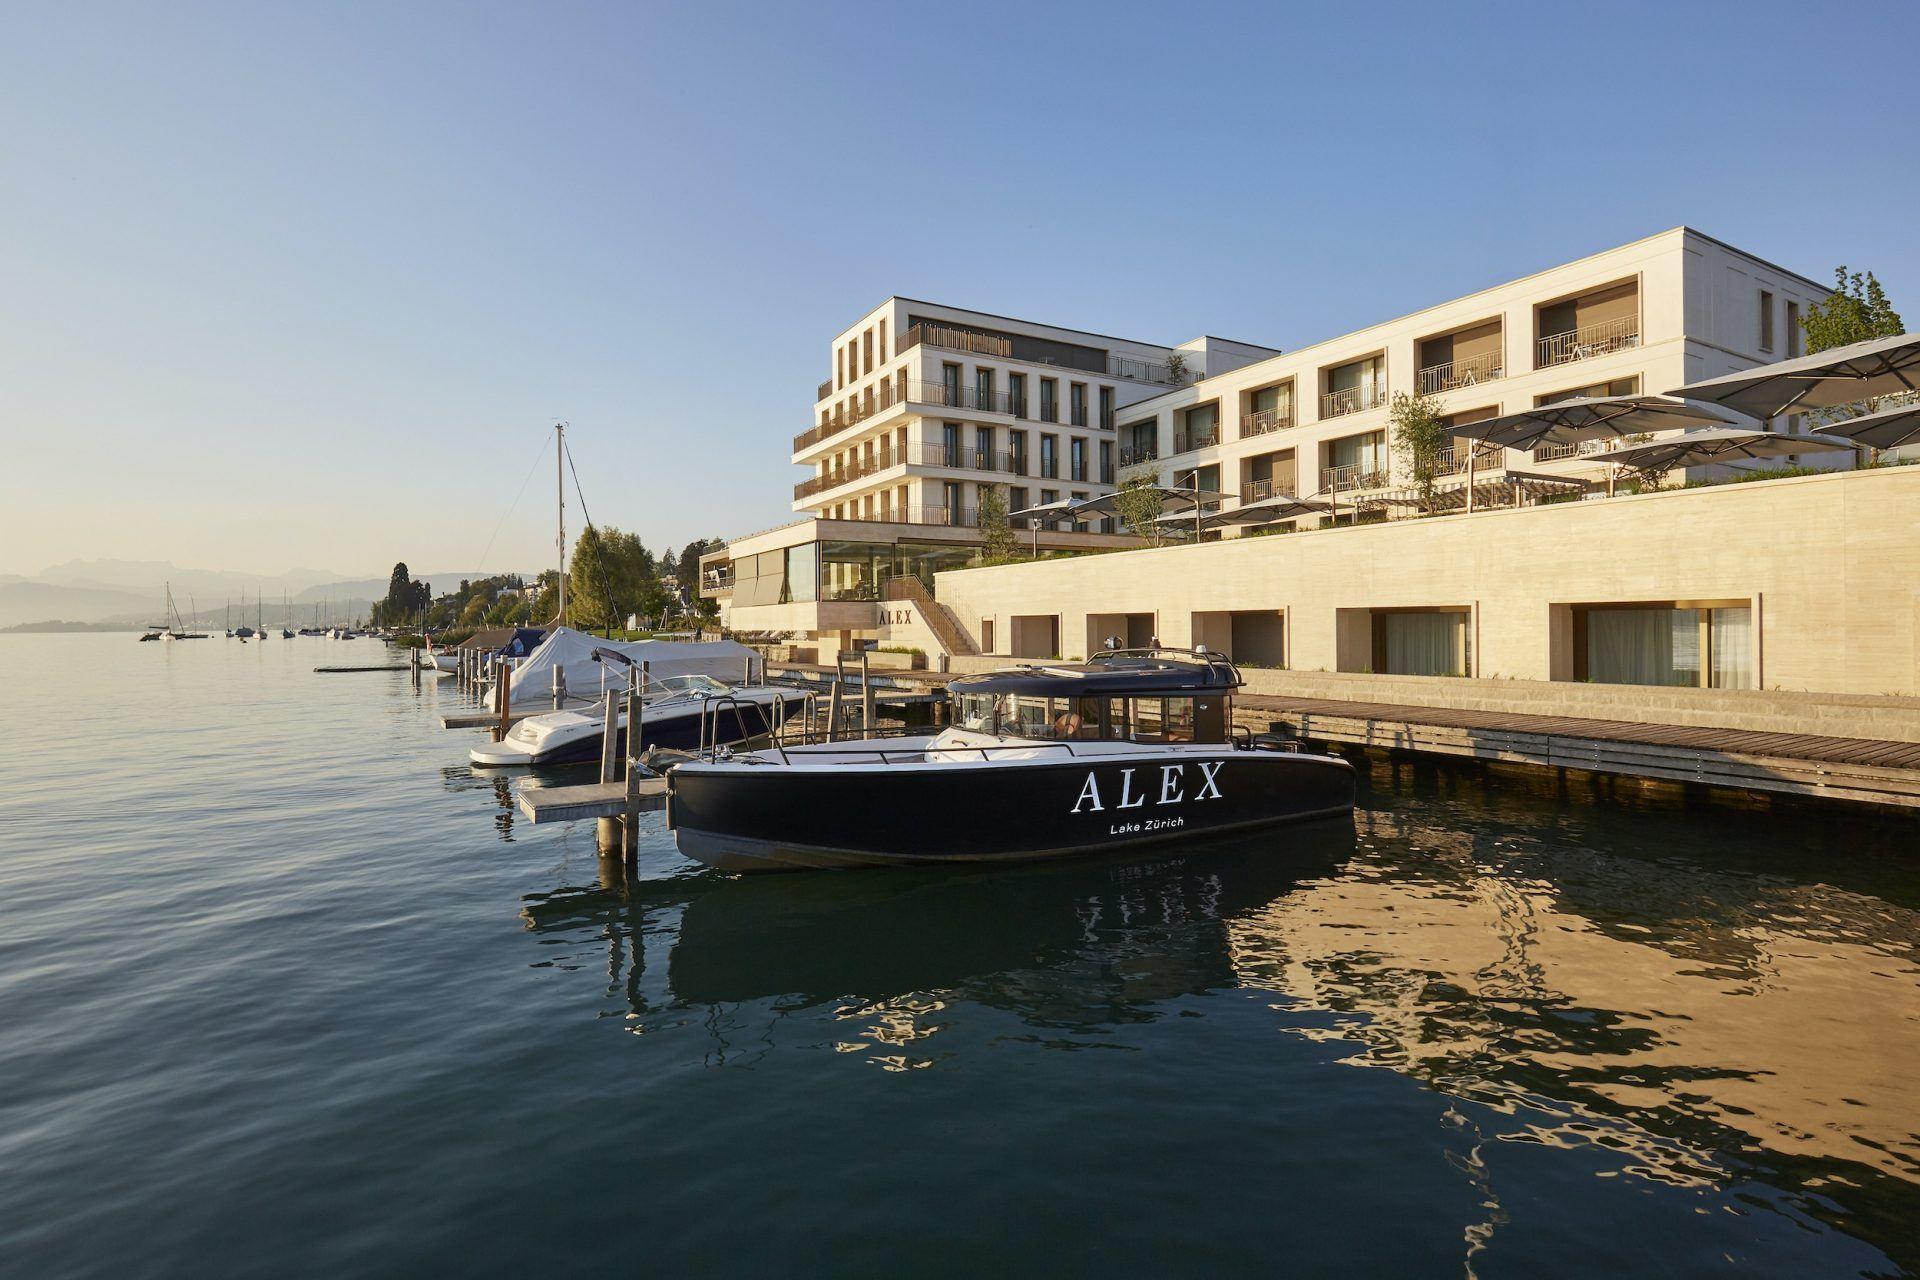 alex lake zucc88rich exterior hausfront 1920x1280 - Alex Lake Zürich, Zürich